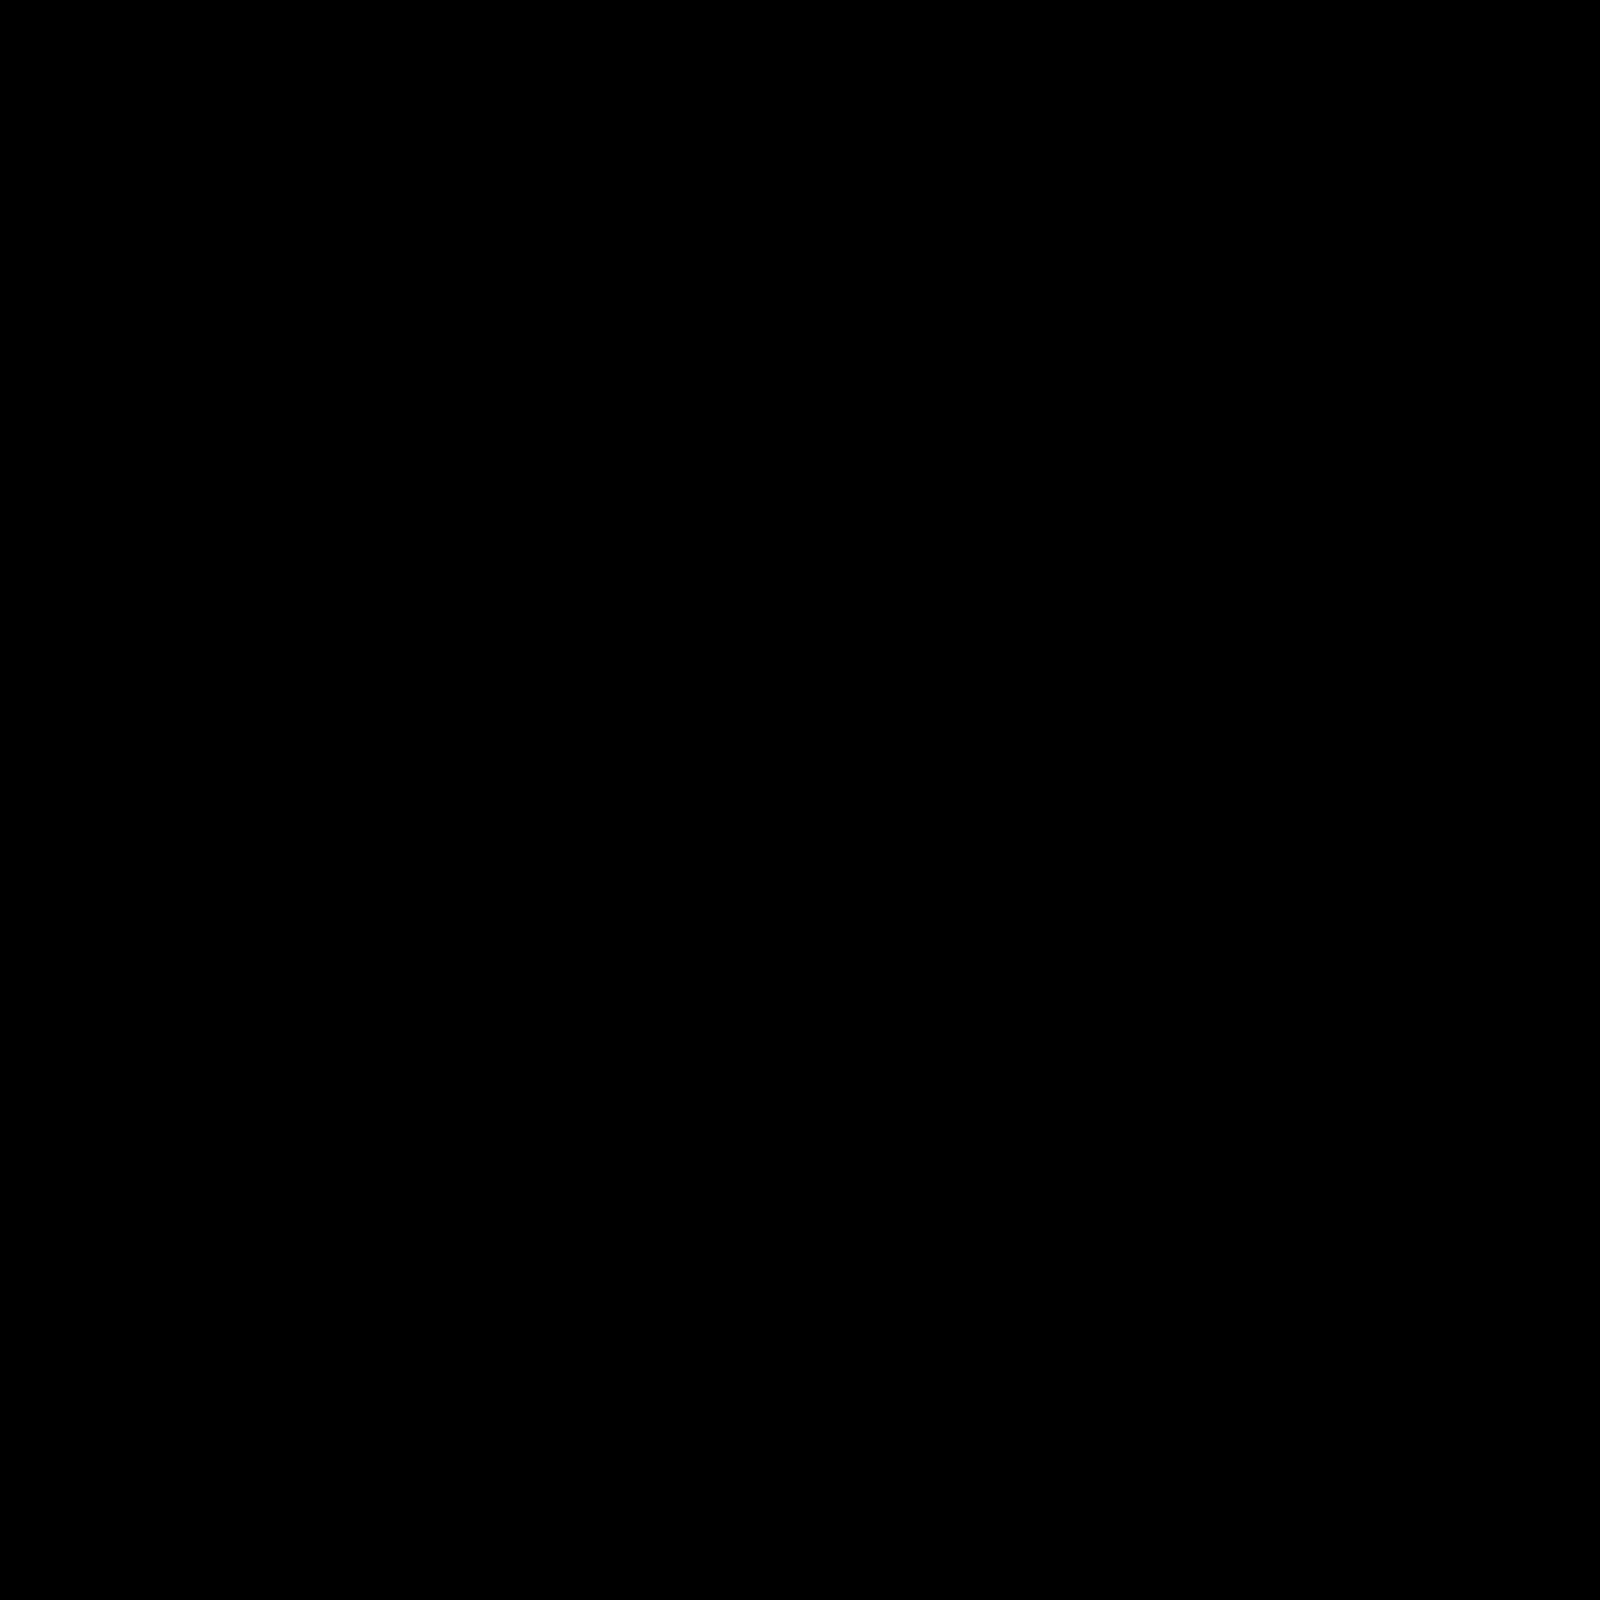 Szyfrowanie danych icon